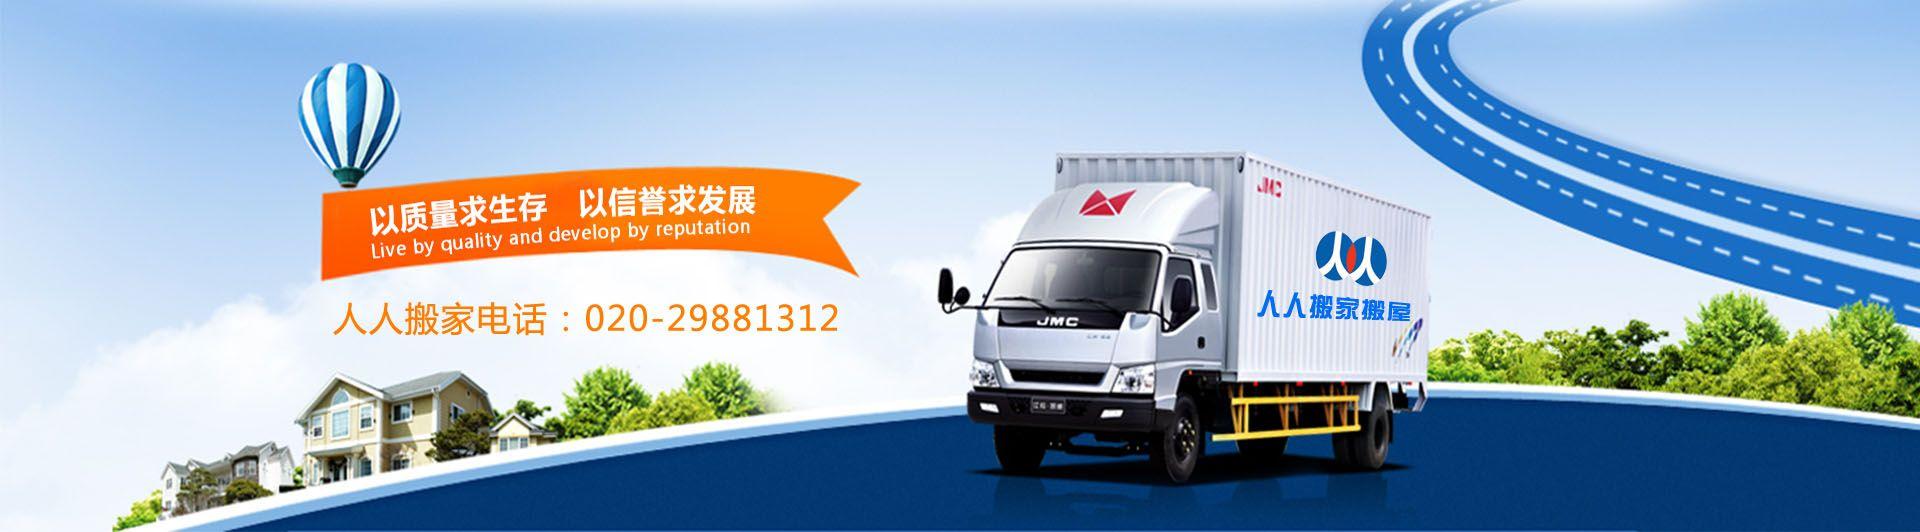 广州人人搬屋以服务质量为生存